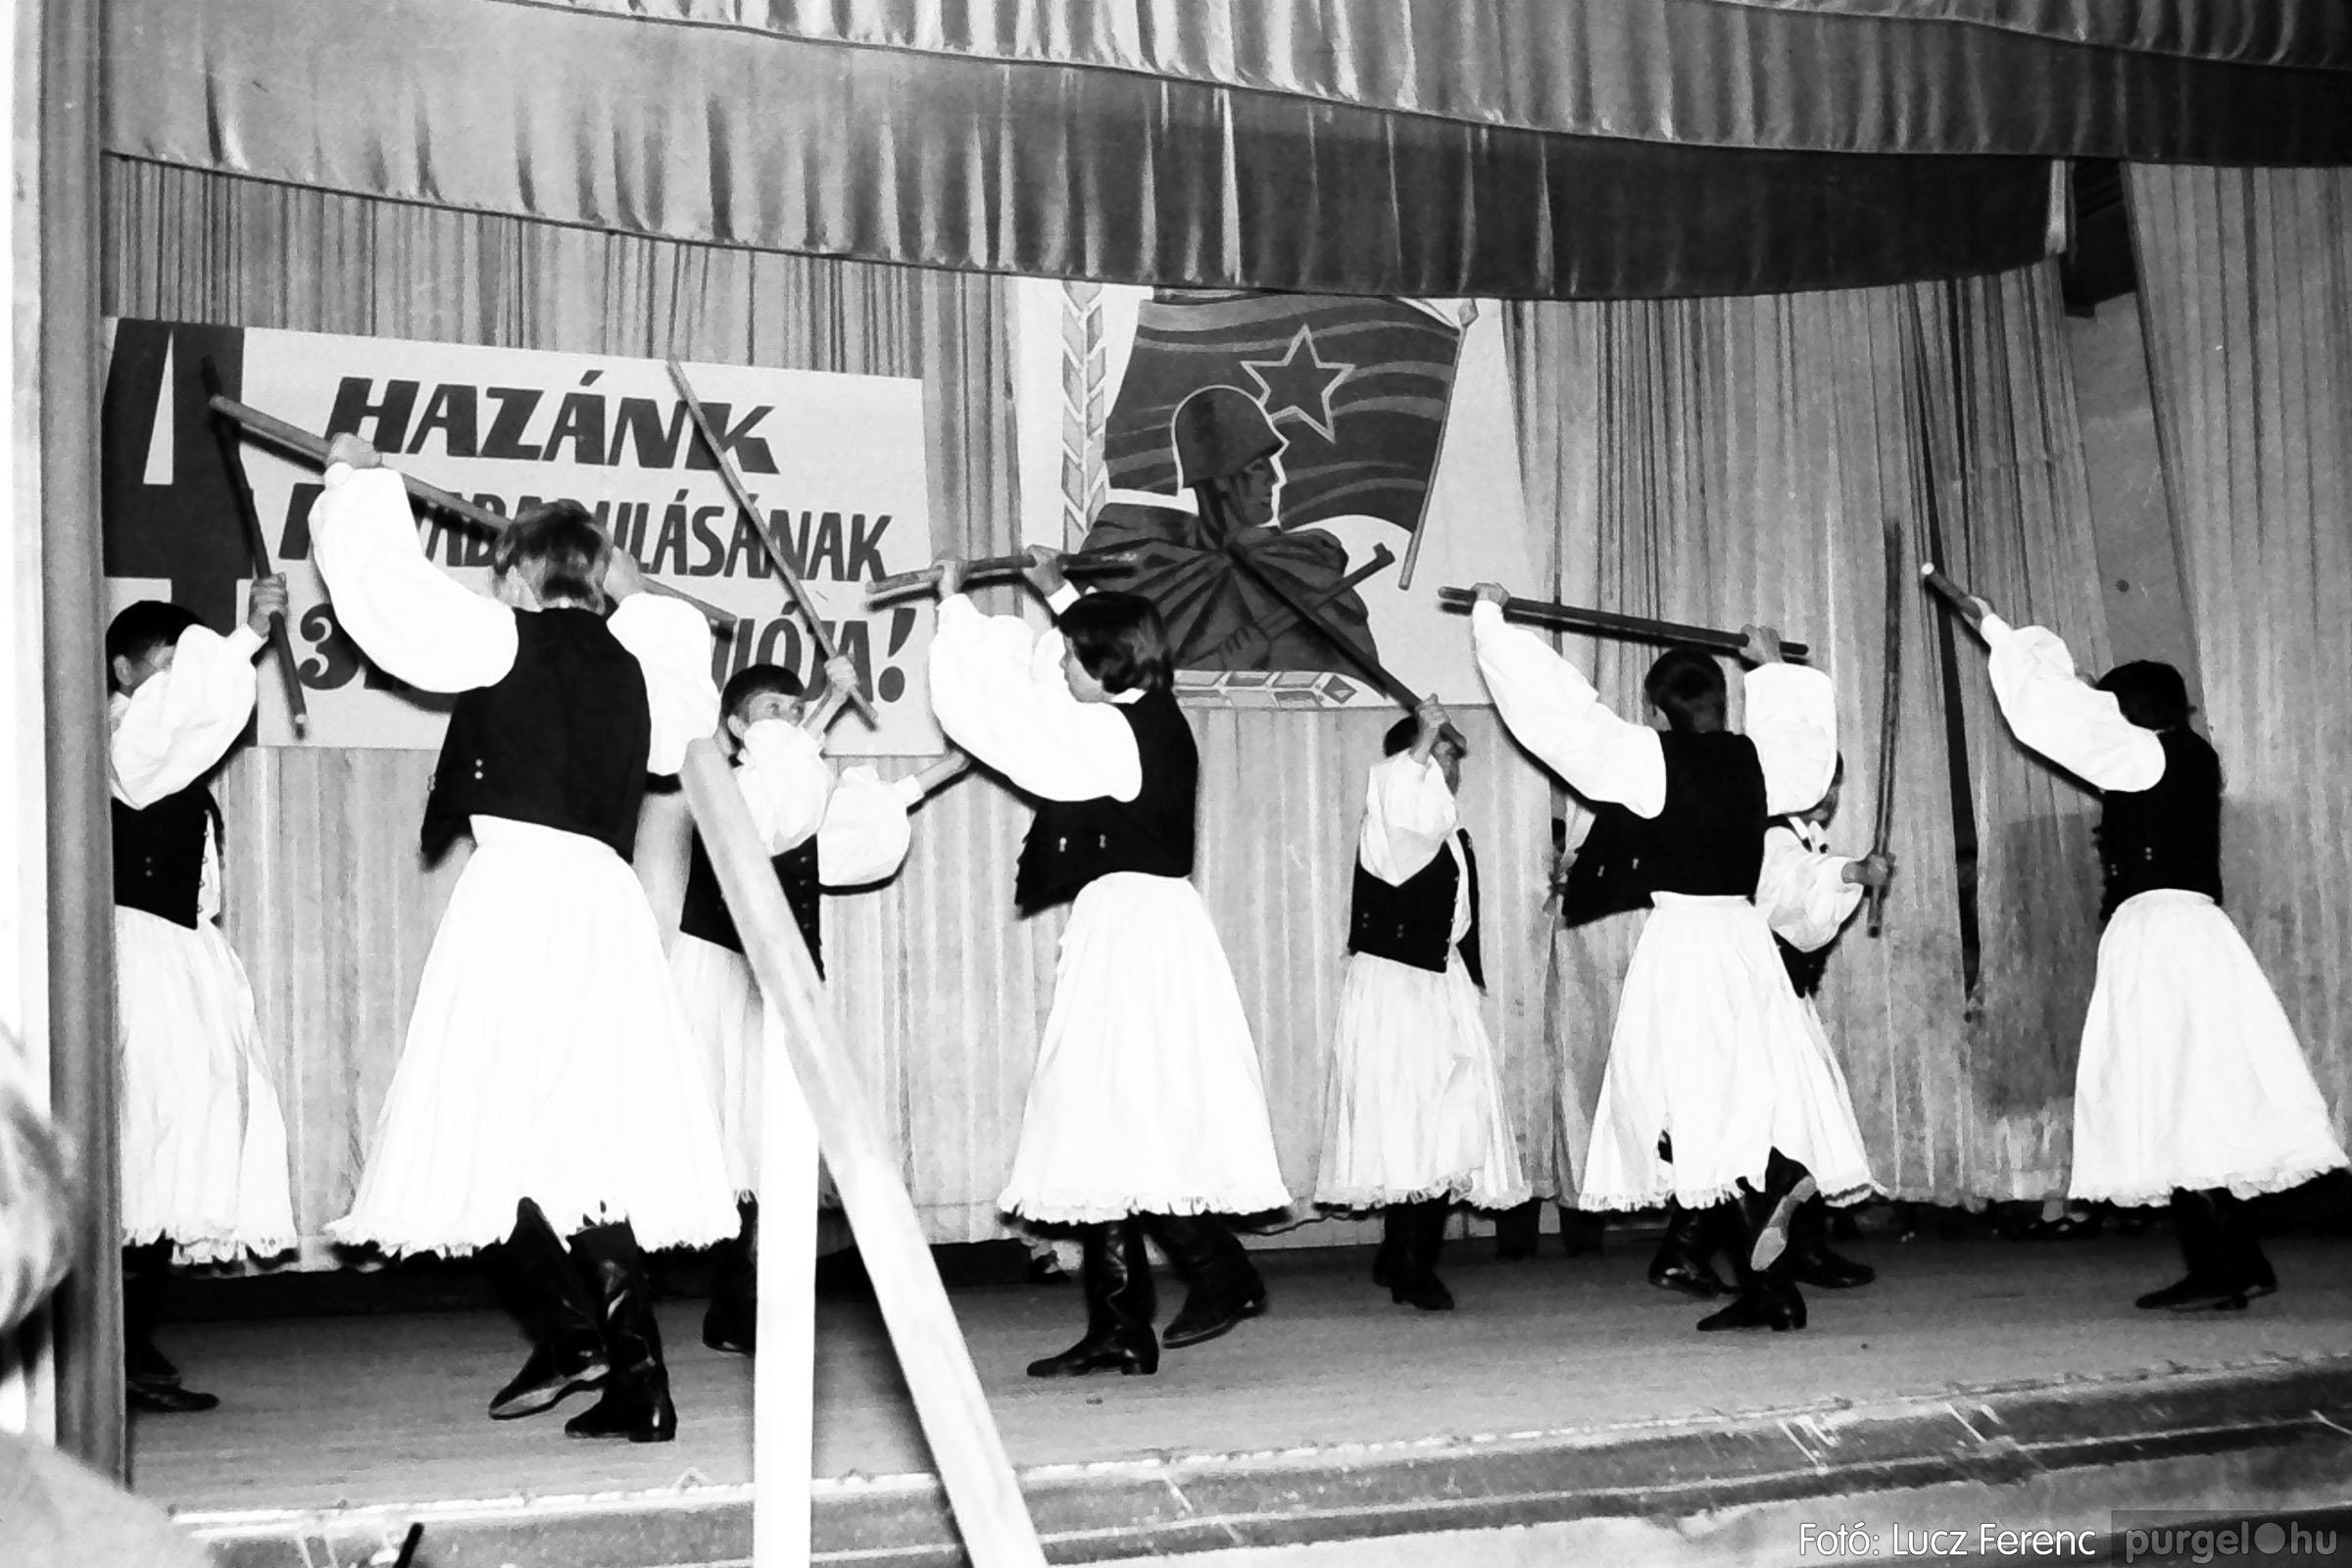 039. 1976.04.04. Április 4-i ünnepség a kultúrházban 031. - Fotó: Lucz Ferenc.jpg